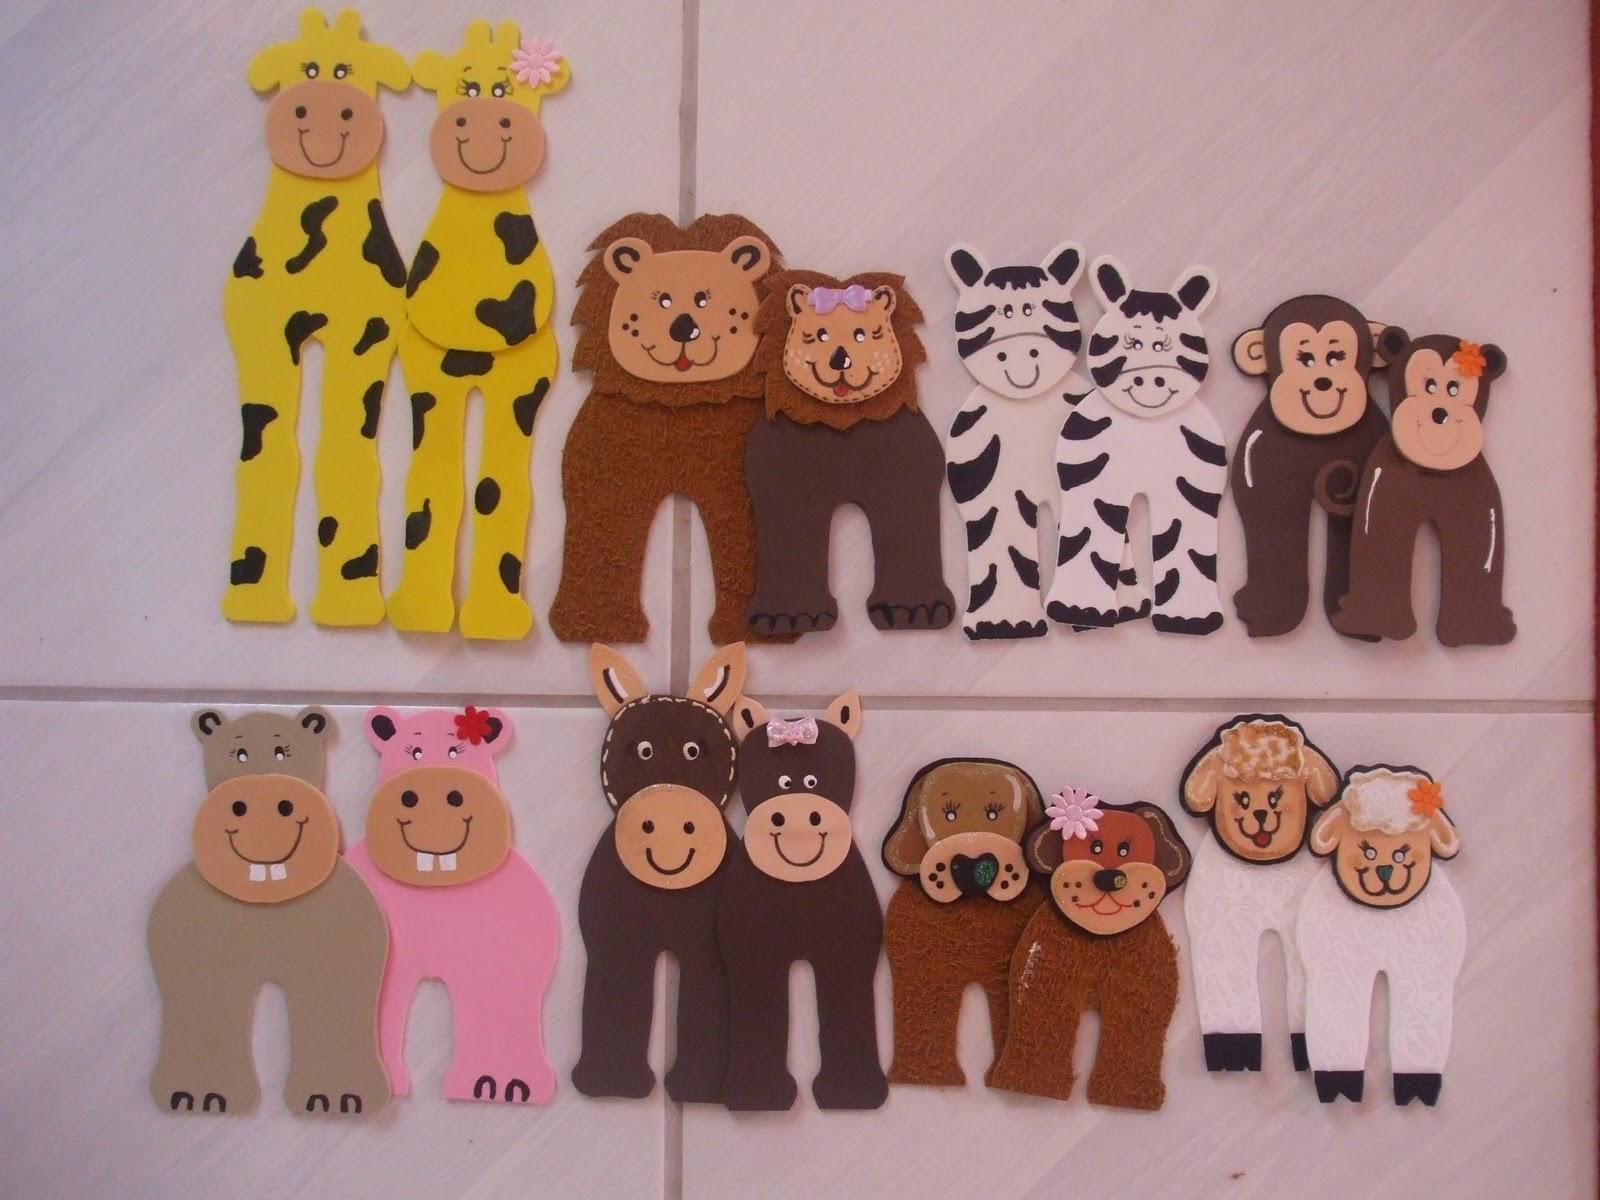 http://3.bp.blogspot.com/_2RTtGl-RQRU/TTM9nK4npCI/AAAAAAAABFg/wIIuMWJACtk/s1600/artesanatos+014.jpg